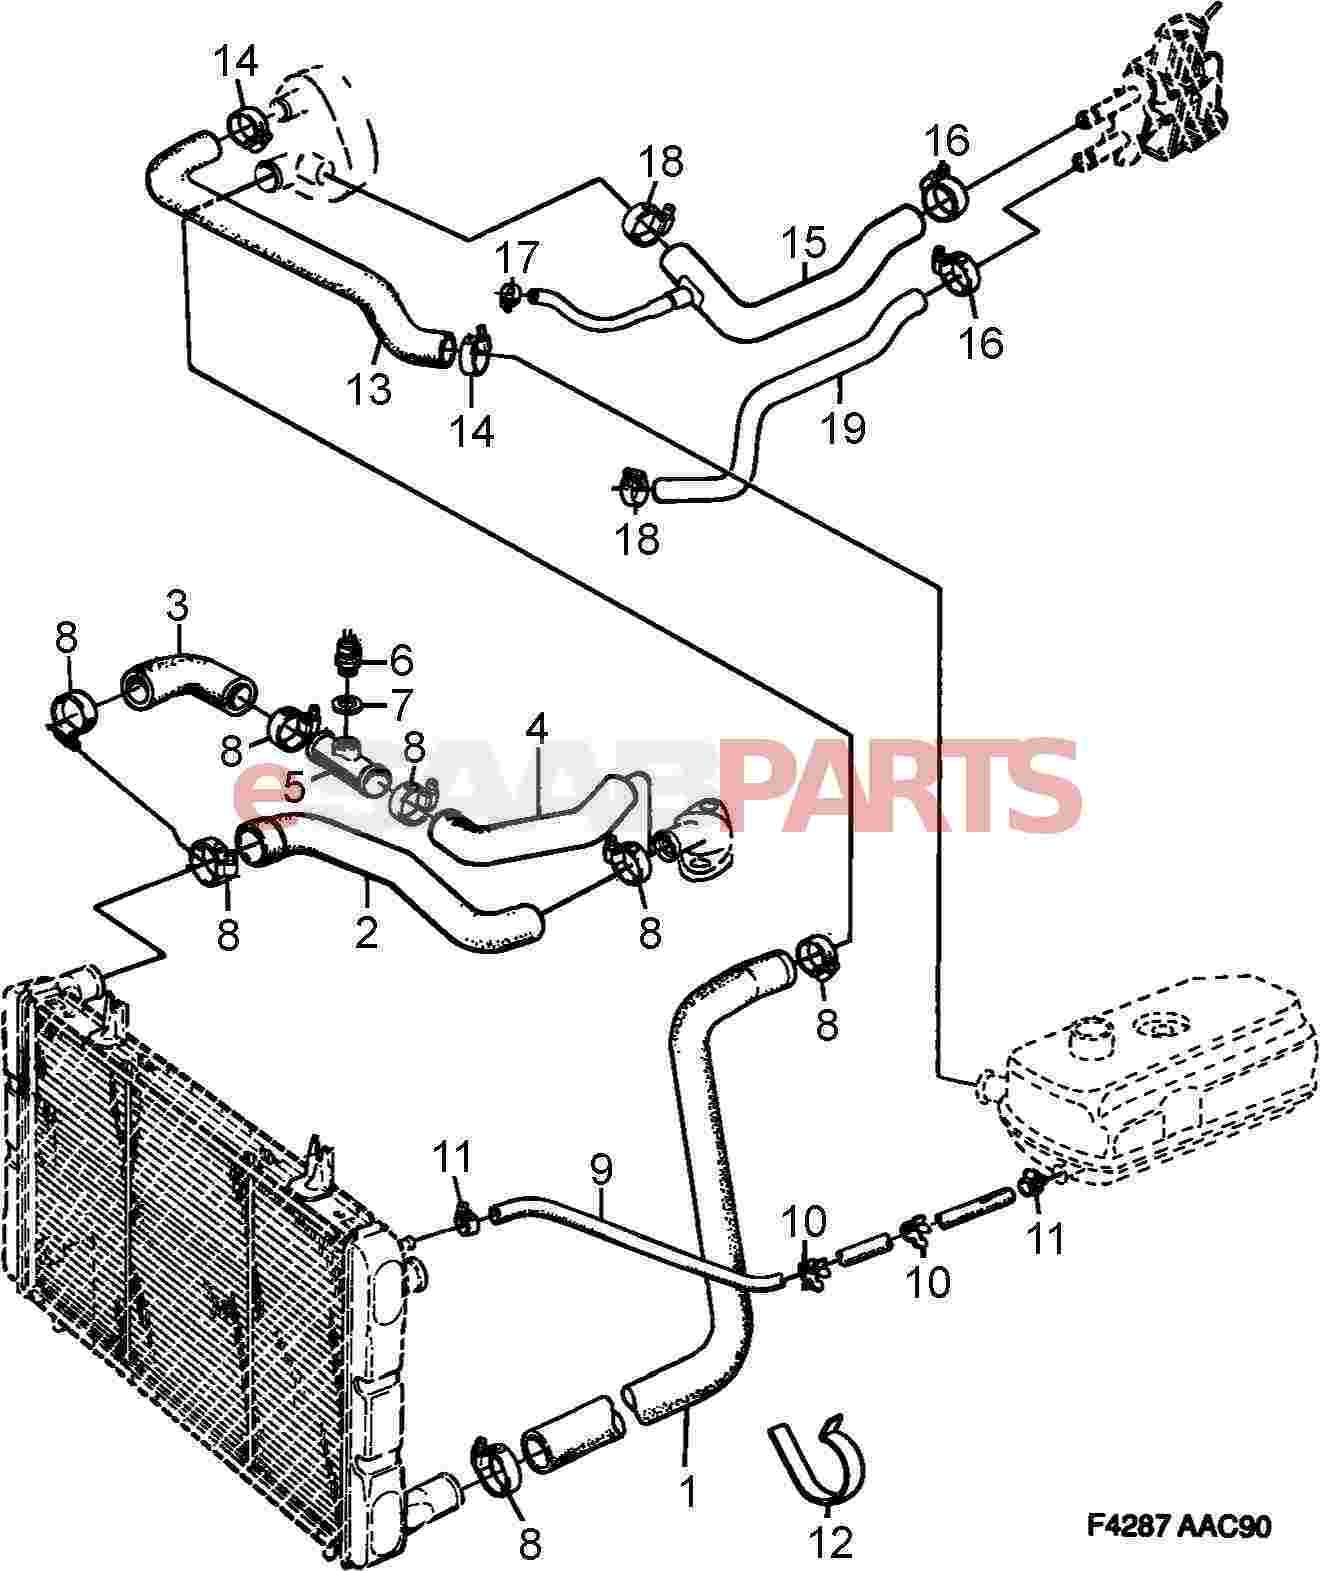 esaabparts saab 900 engine parts radiator hoses water BMW Engine Diagram esaabparts saab 900 engine parts radiator hoses water hoses etc